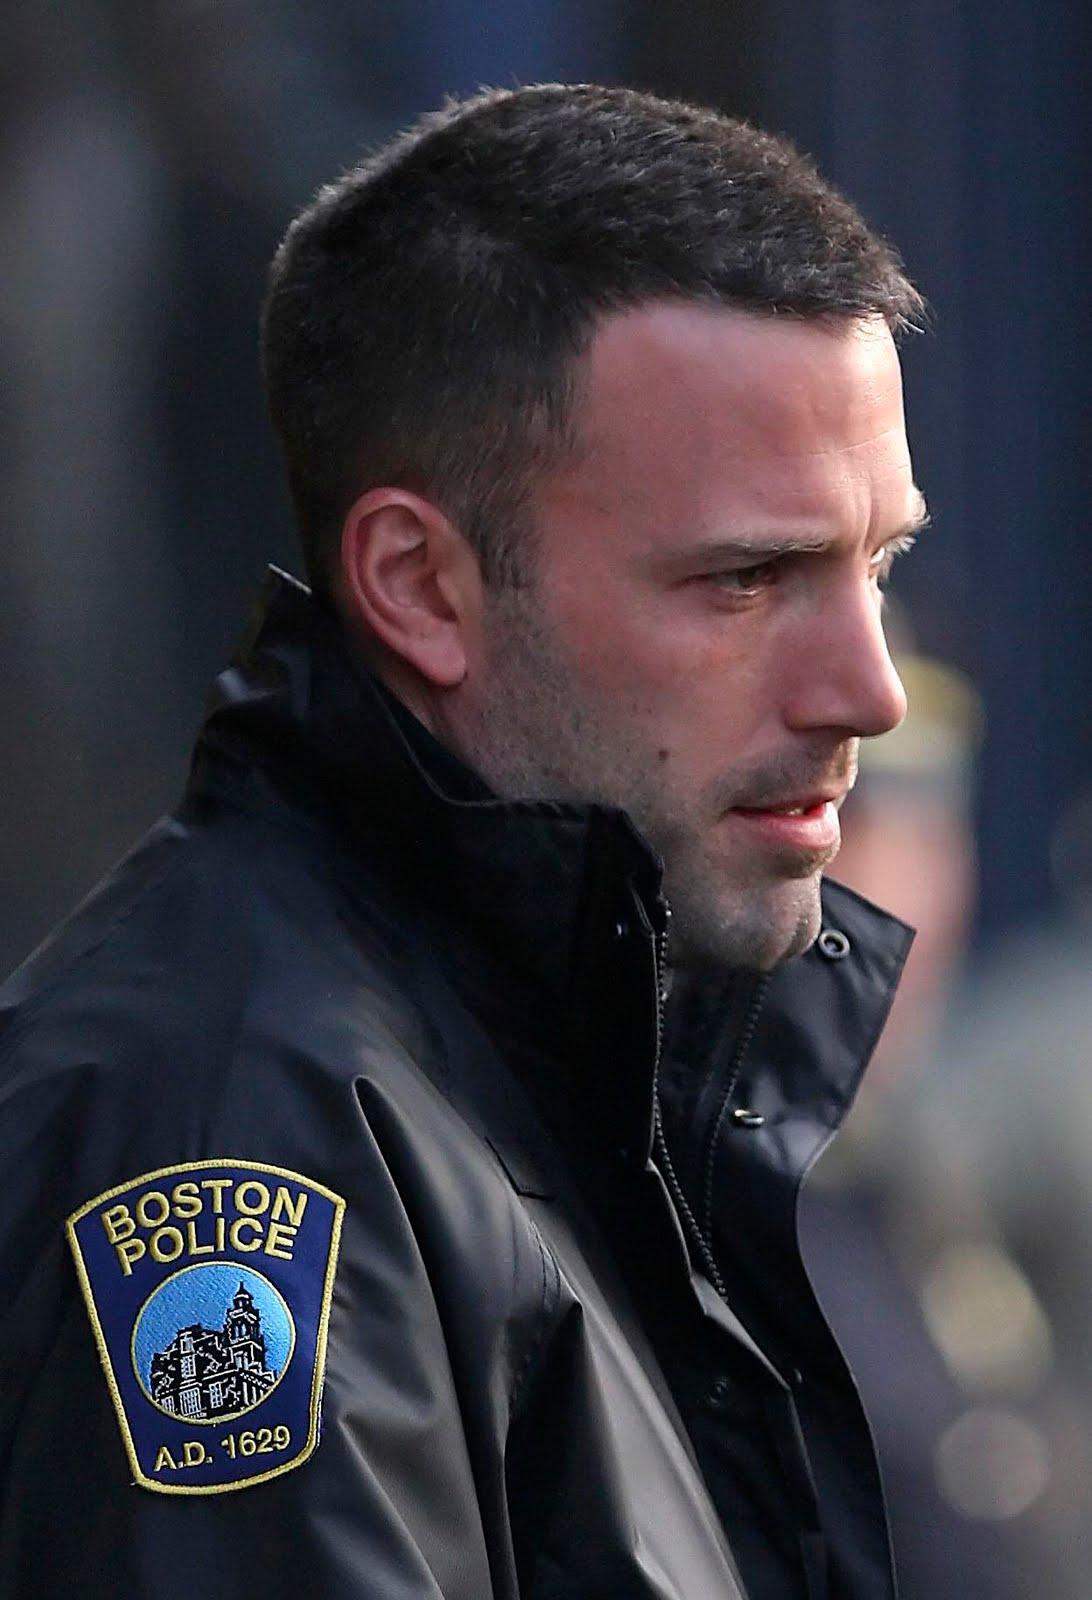 Ben Affleck Fbi Agent | 6k pics